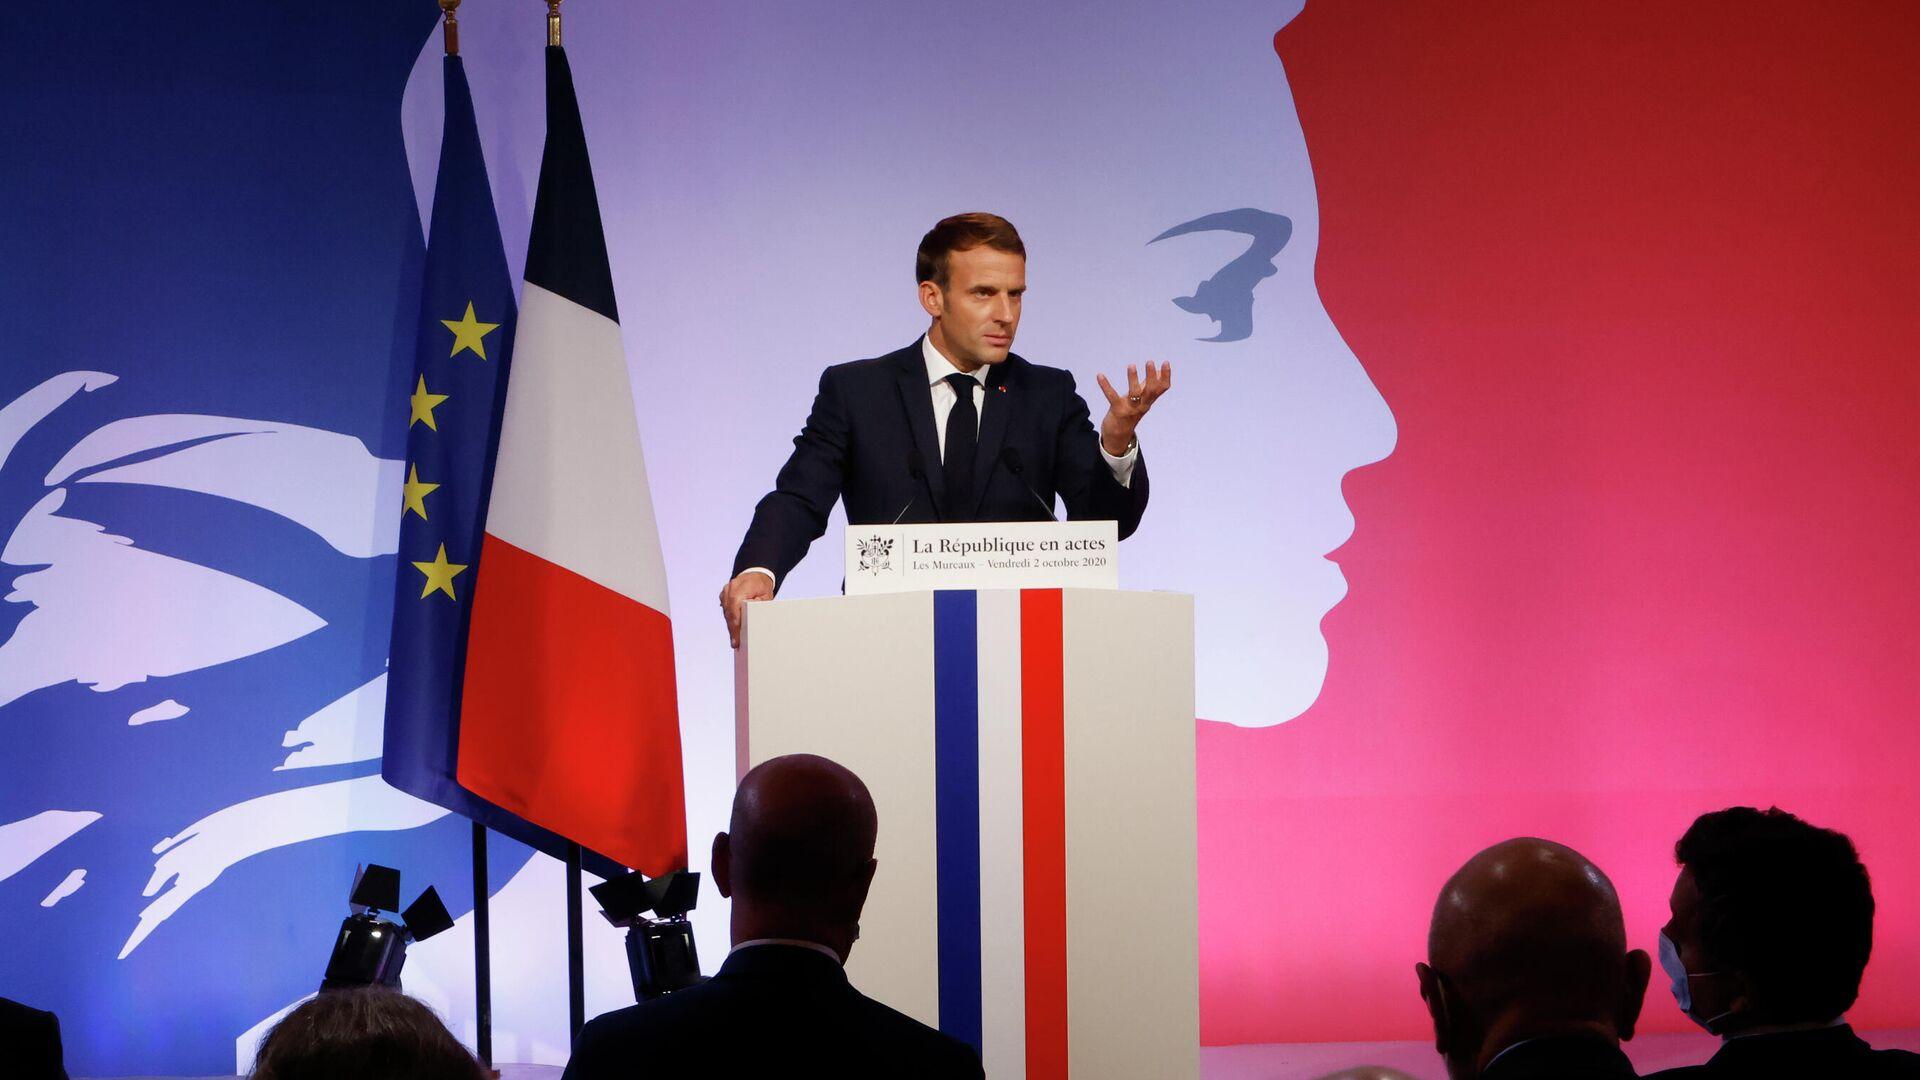 Президент Франции Эммануэль Макрон произносит речь о борьбе с религиозным сепаратизмом в Ле-Мюро, Франция - РИА Новости, 1920, 22.09.2021